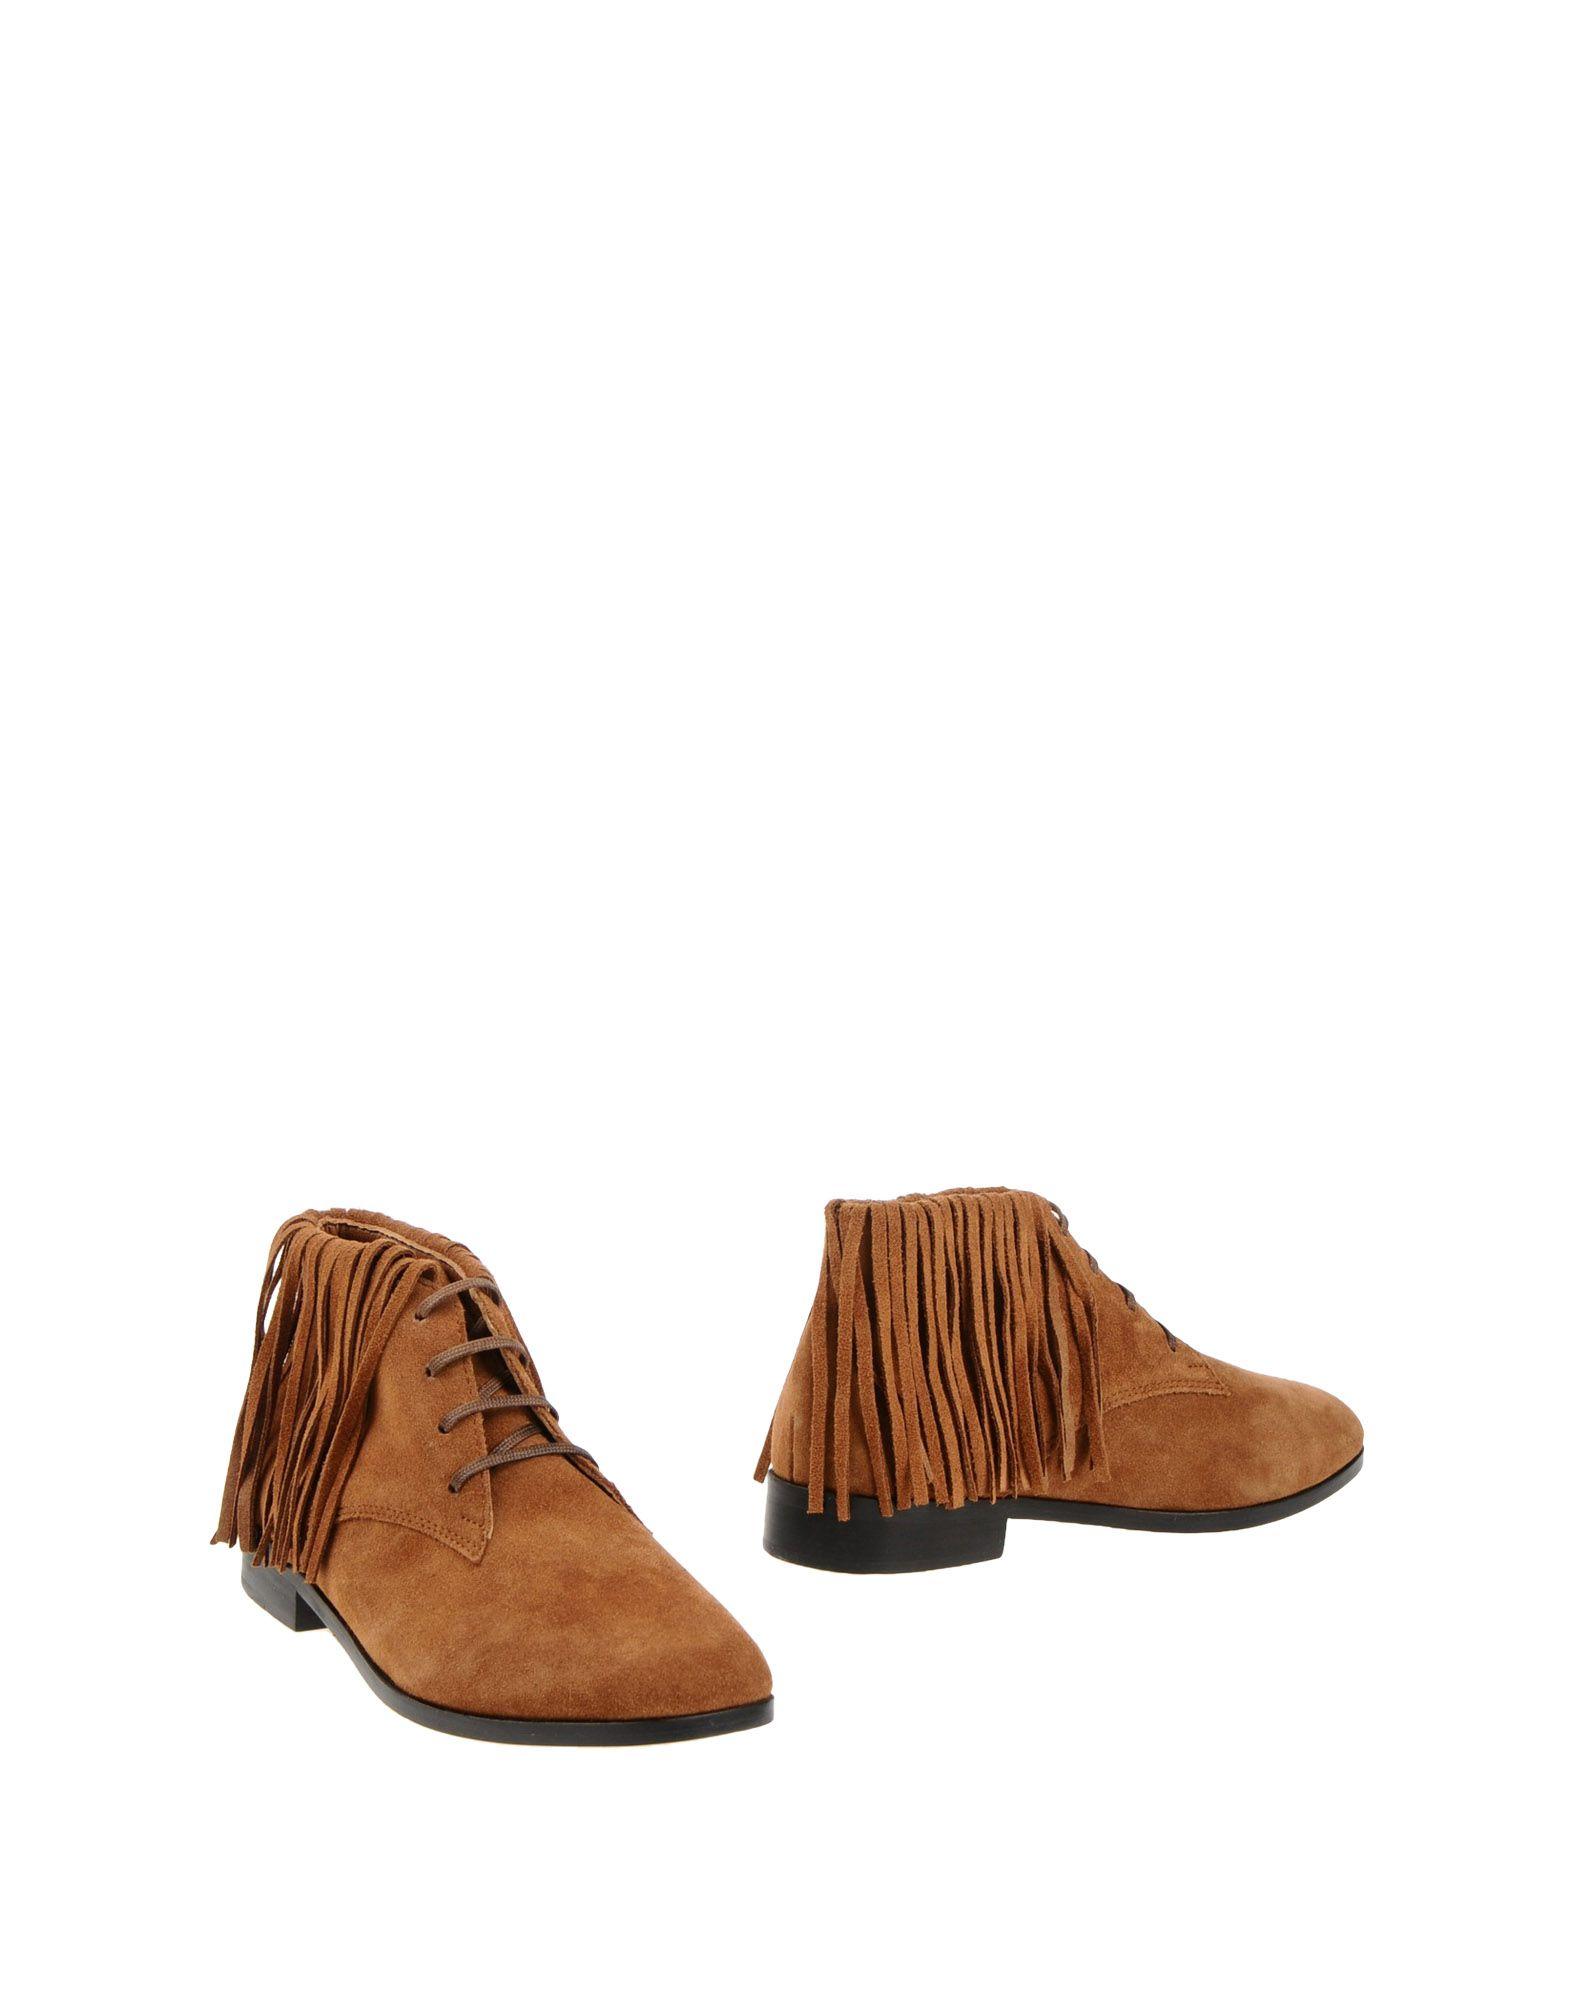 Newbark Stiefelette Damen  11400087KTGut aussehende strapazierfähige Schuhe